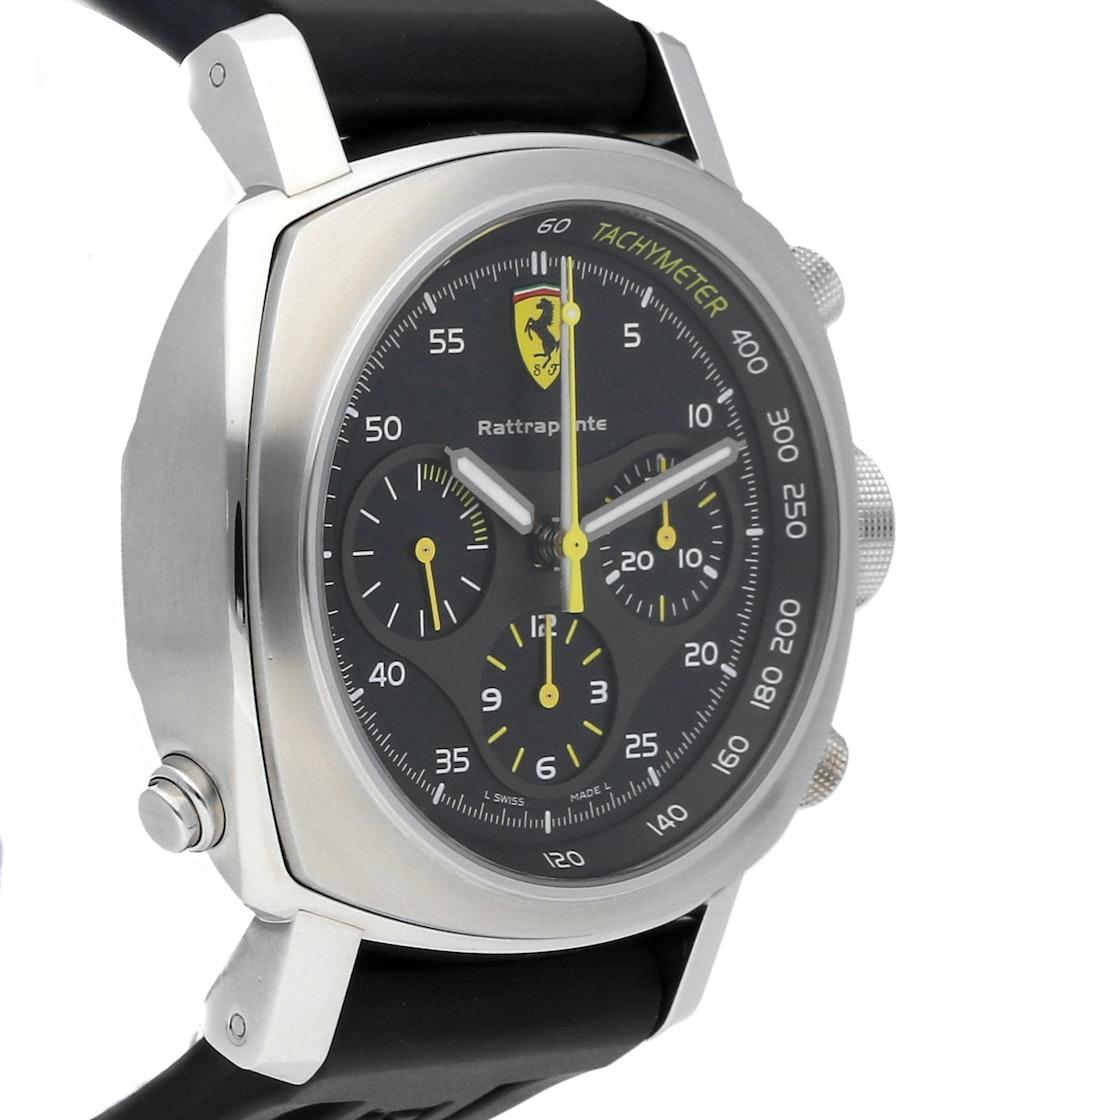 Panerai Ferrari Scuderia Rattrapante Chronograph FER00010